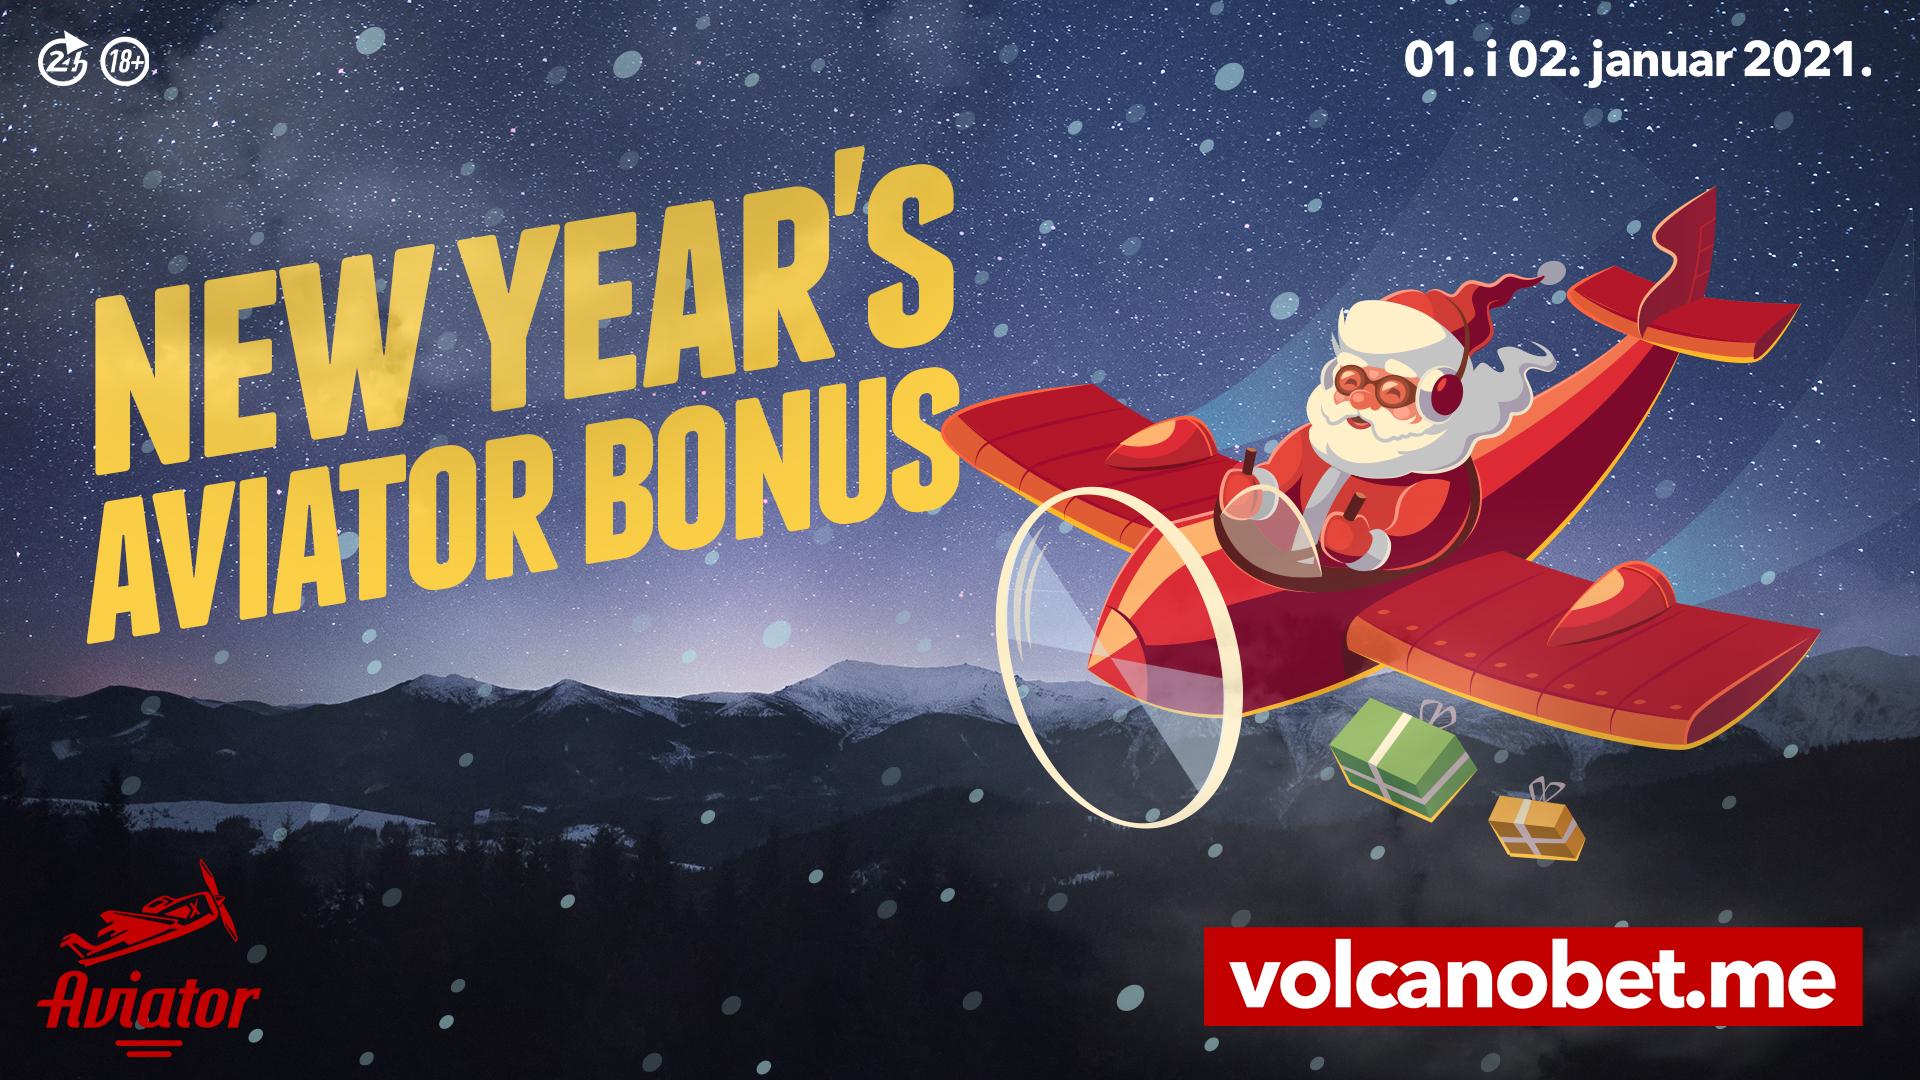 New Year's Aviator Bonus